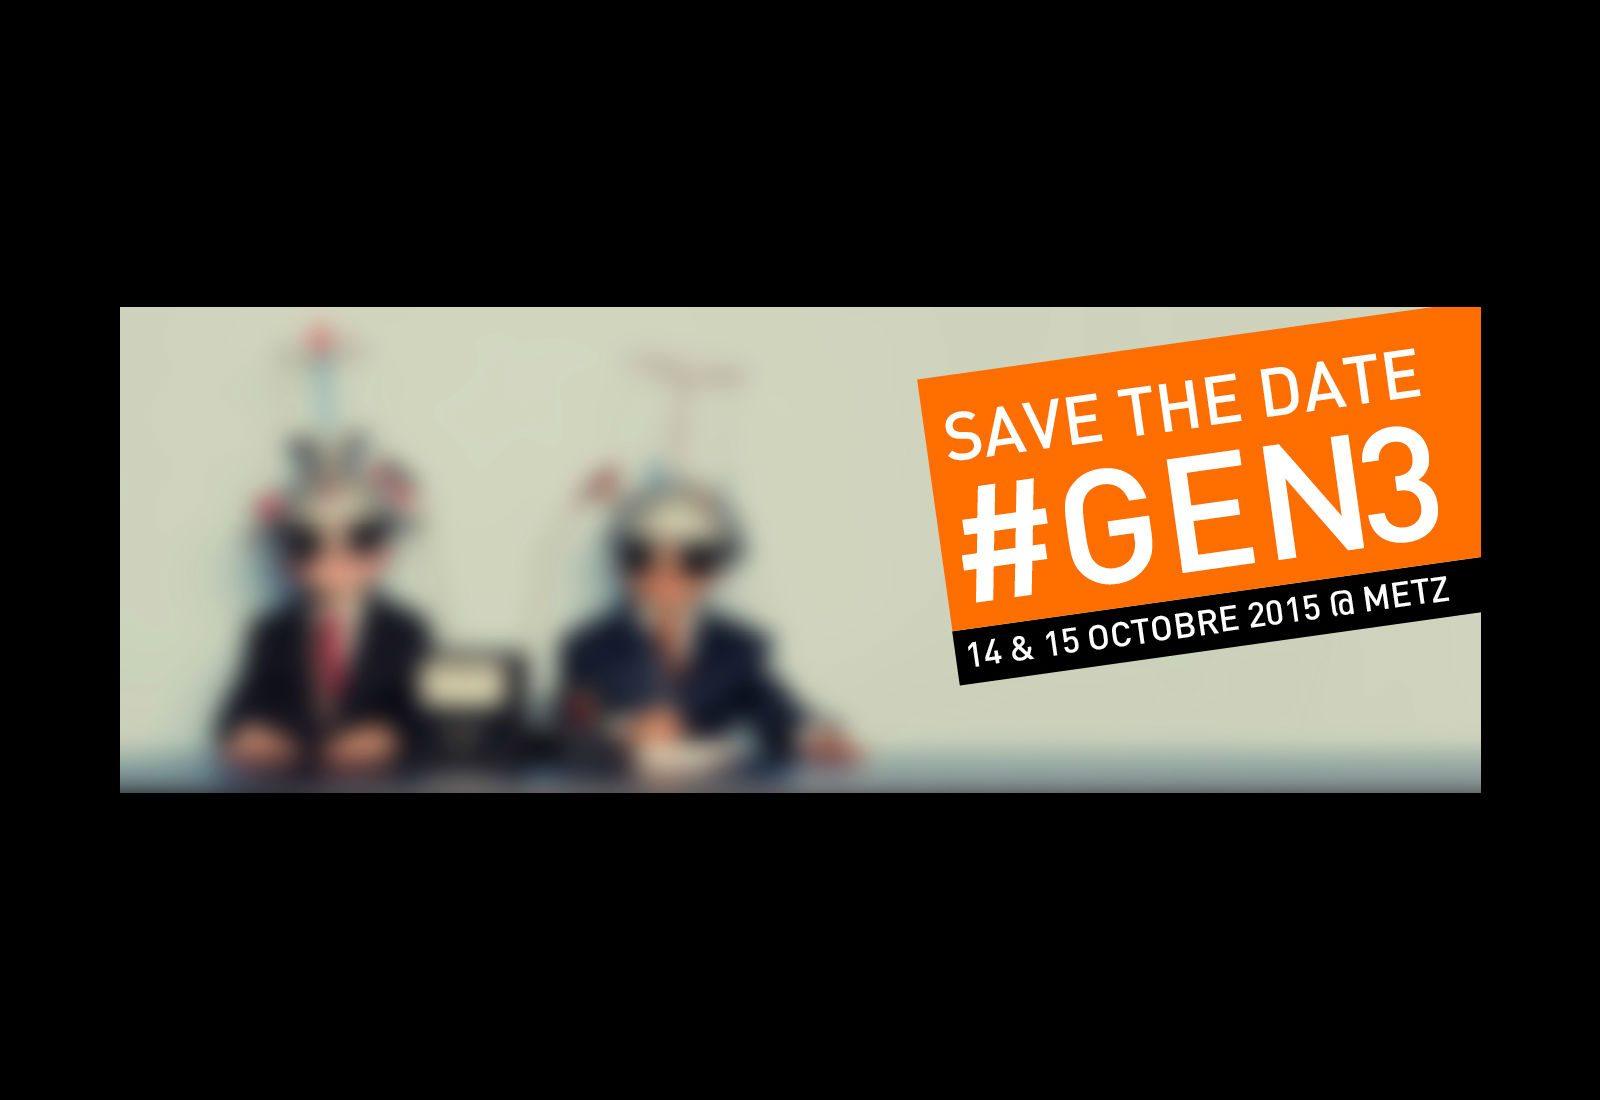 Photo of Une secrétaire d'Etat annoncée à Metz pour #GEN3, le RDV des pros du numérique dans le grand Est